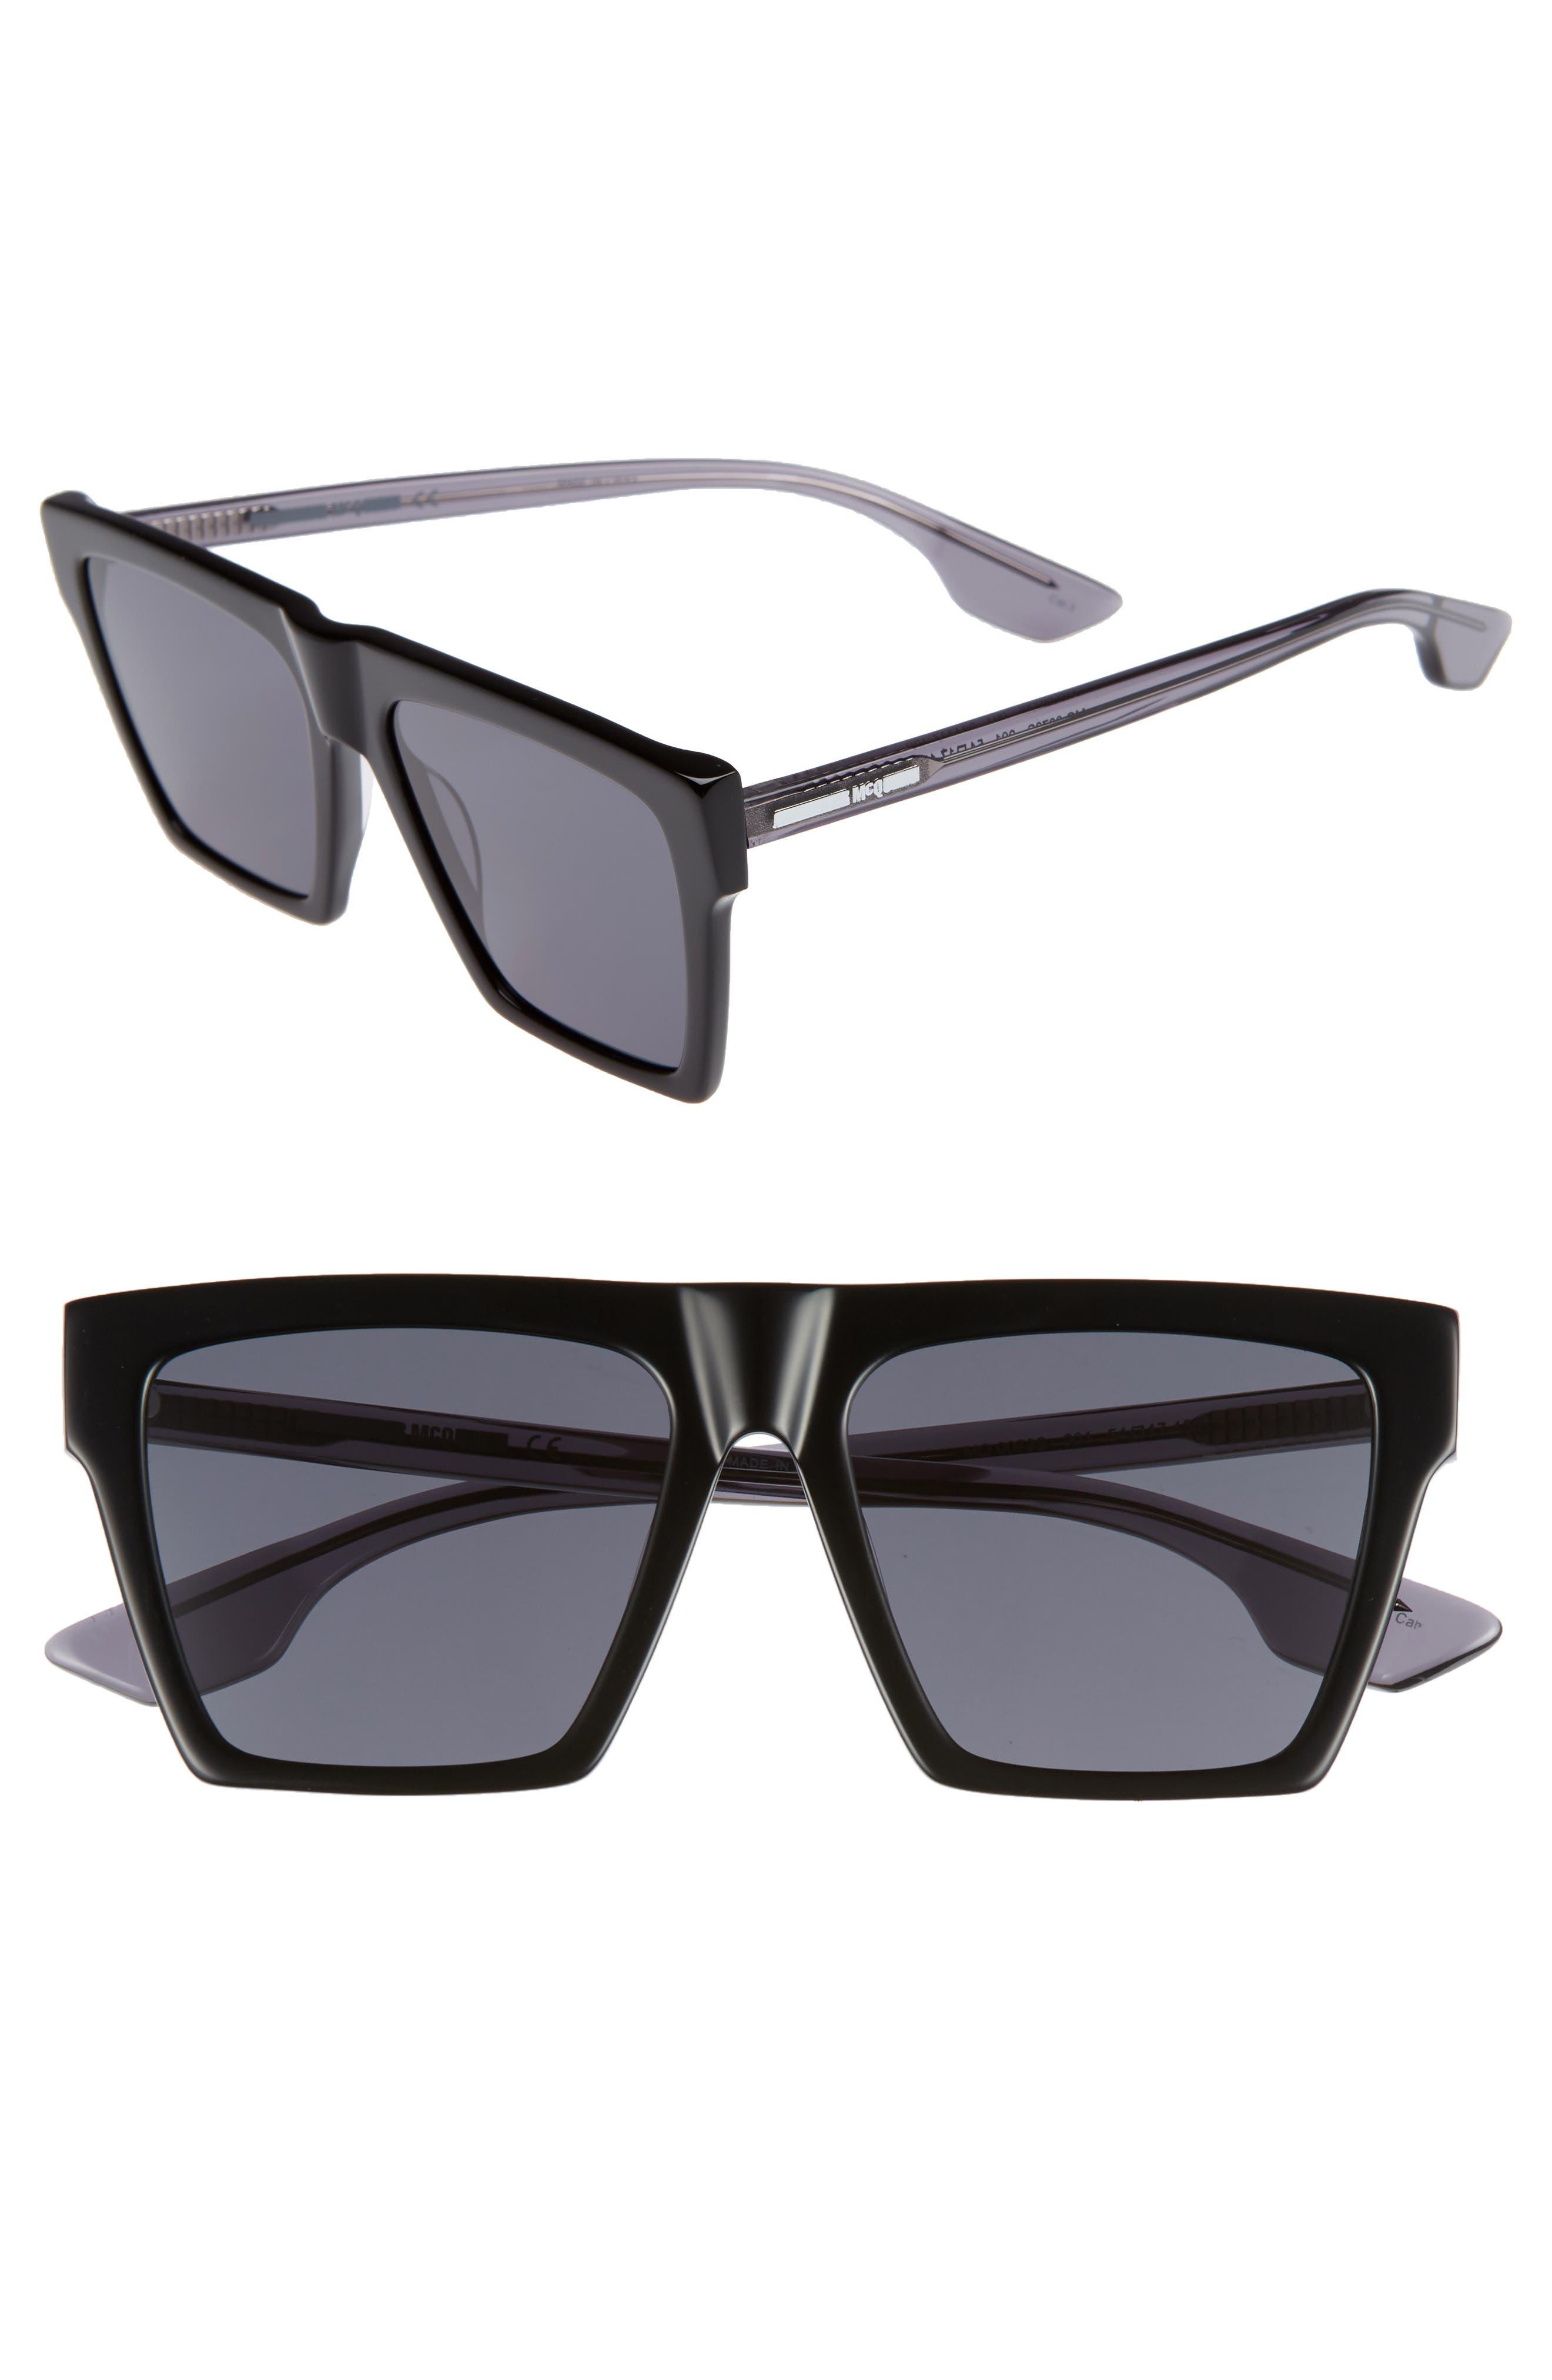 Alexander McQueen 54mm Flat Top Sunglasses,                             Main thumbnail 1, color,                             BLACK